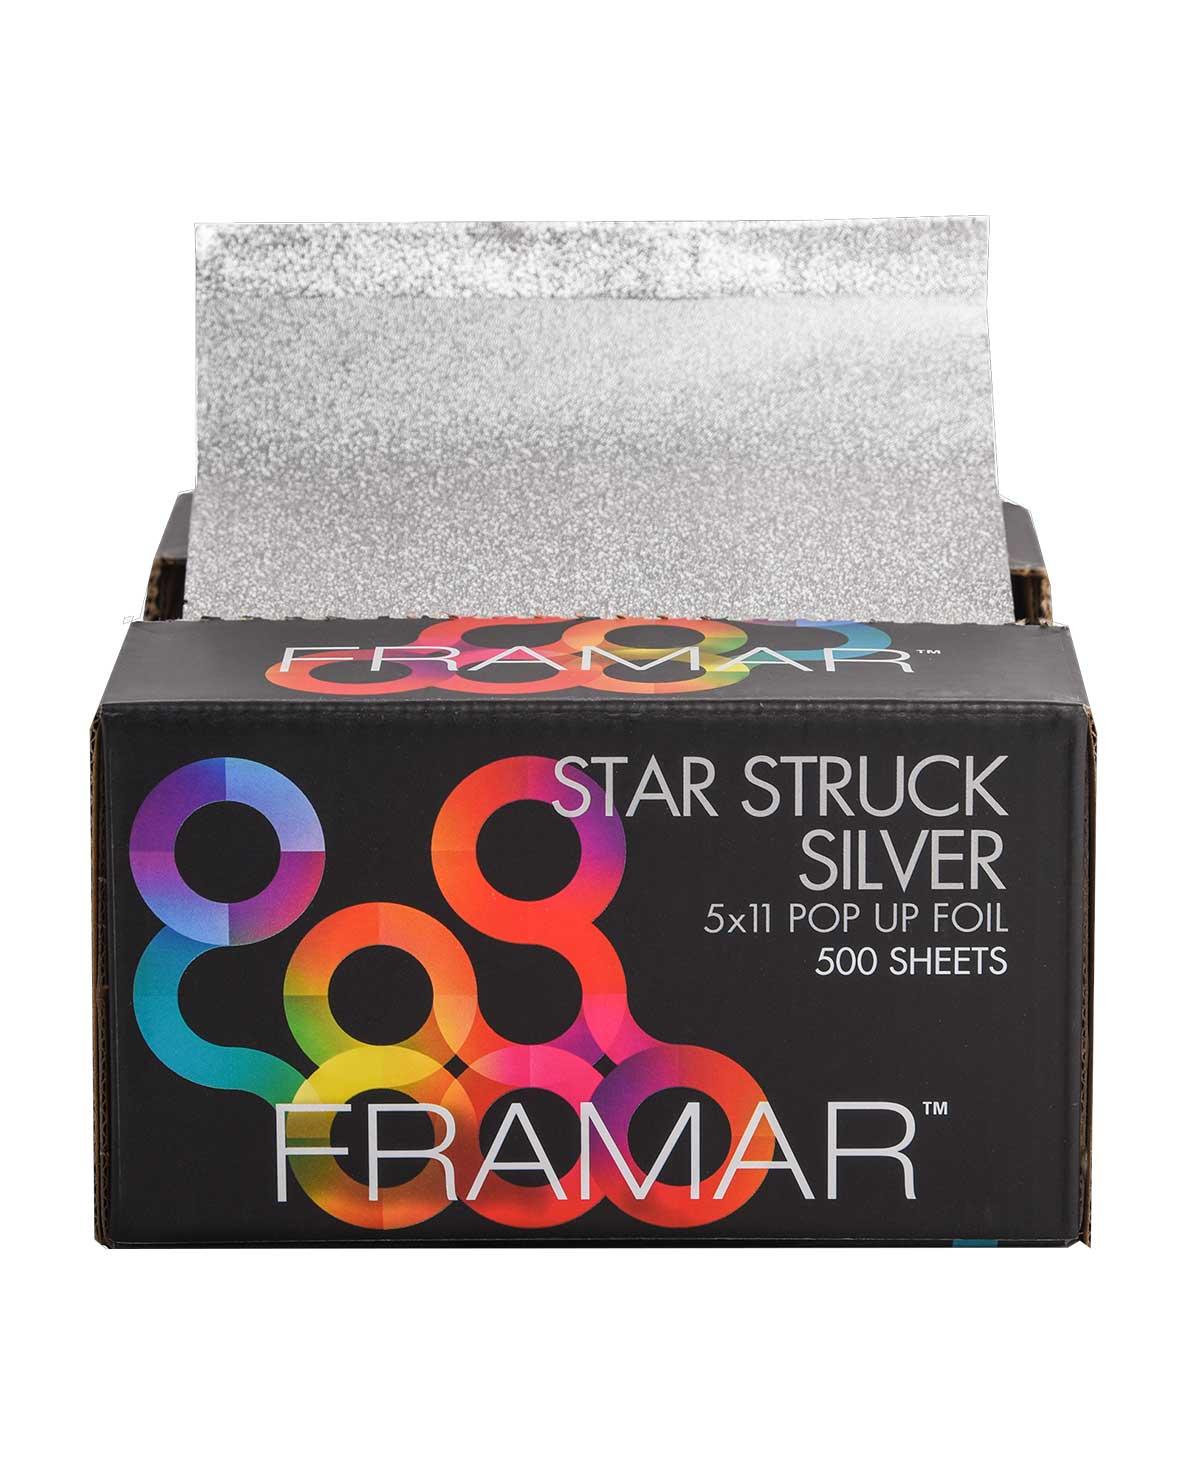 Framar Star Struck Silver 5x11 Pop Up Foil - 25 Sheets